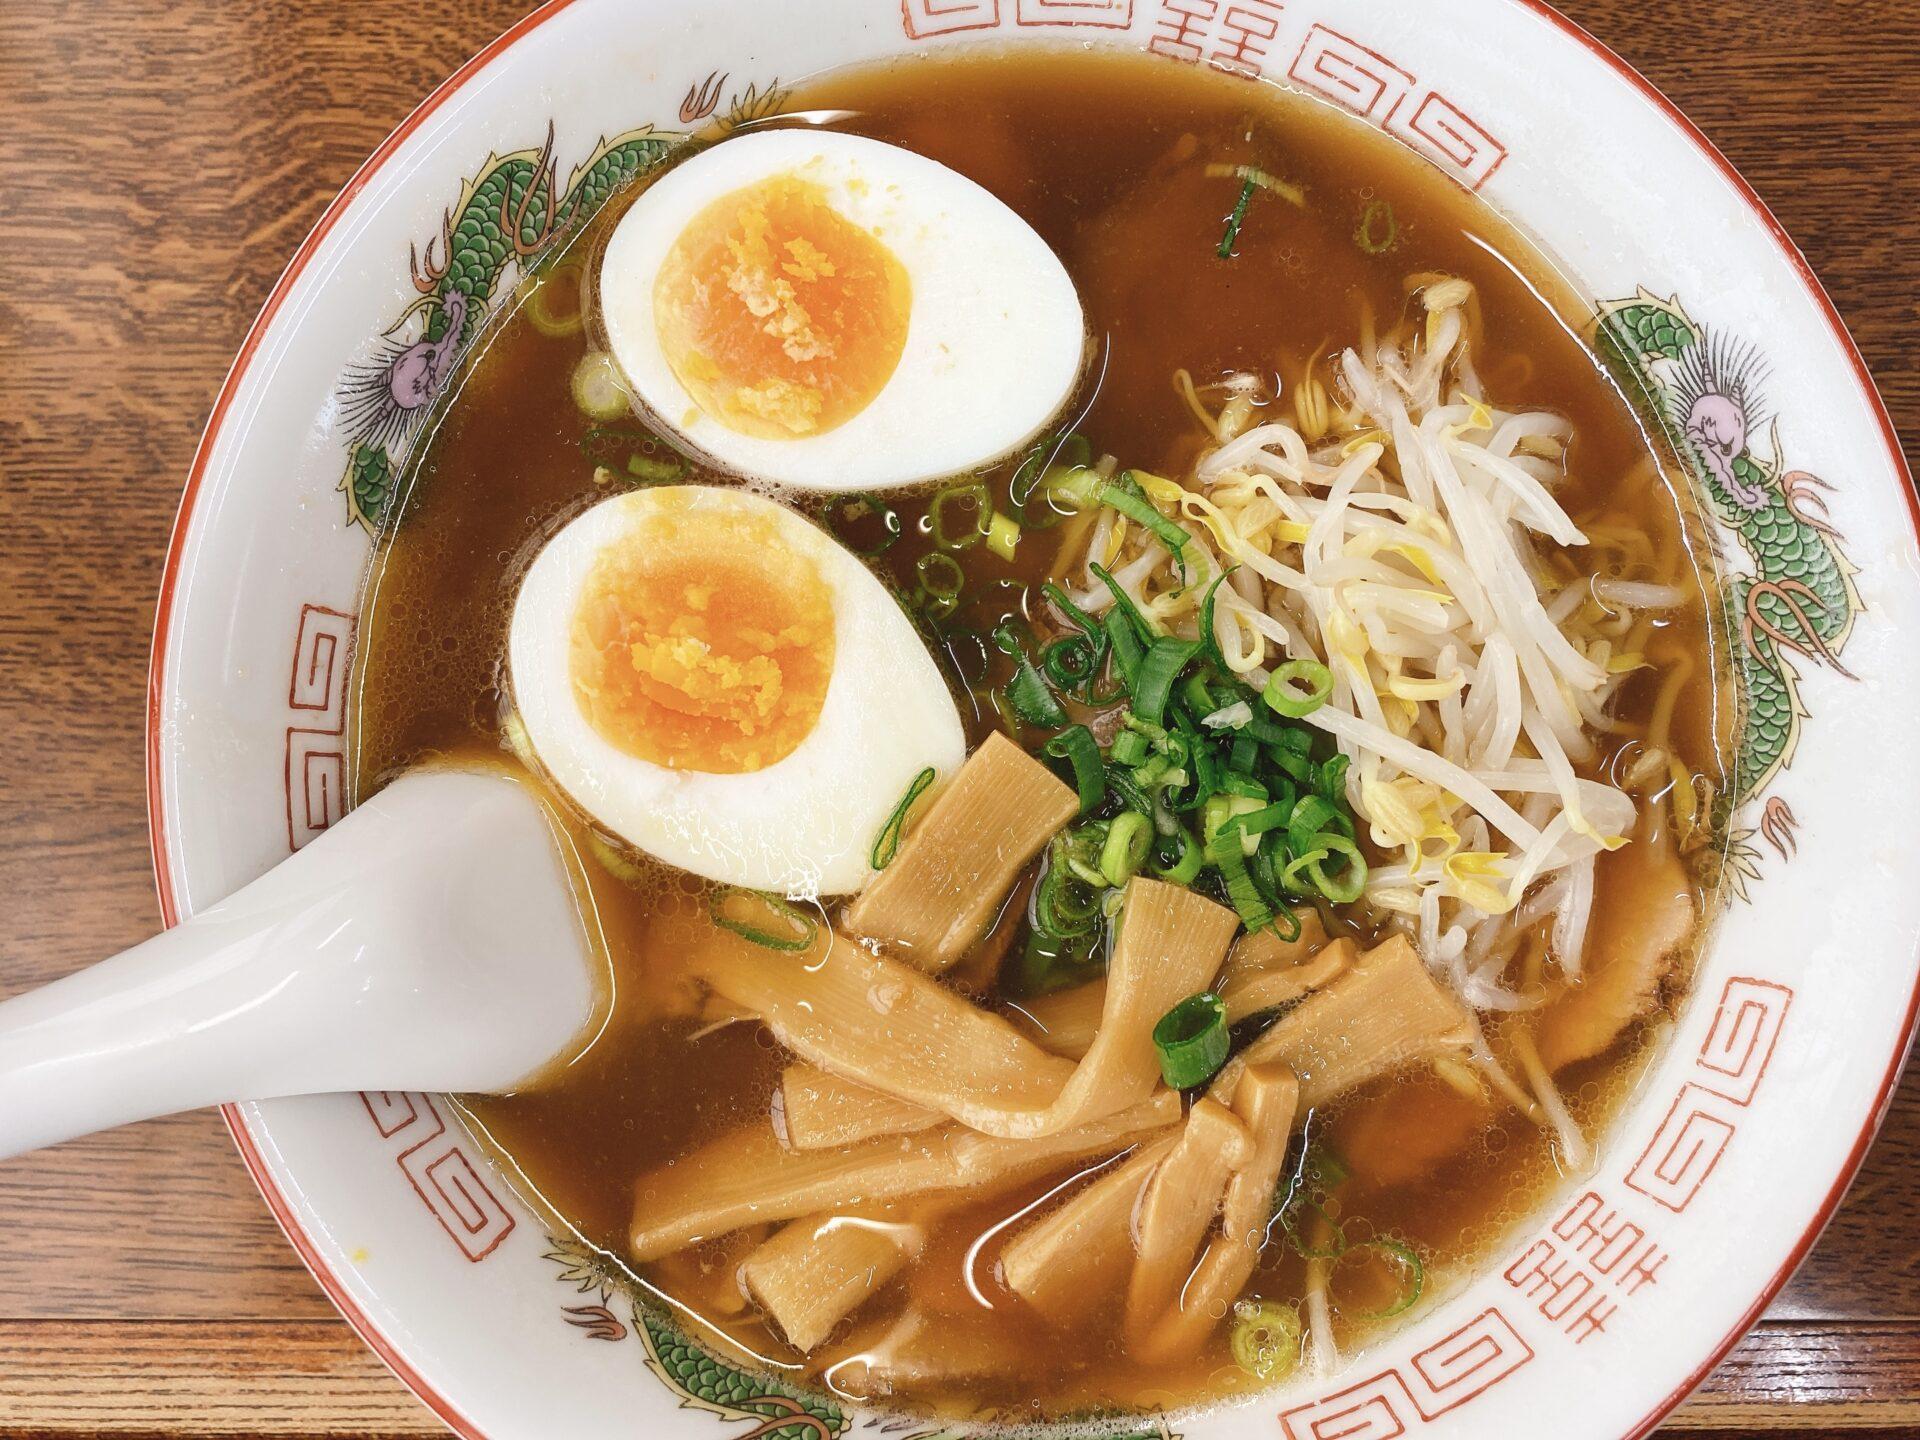 岡山市北区青江【らーめん亭】毎日でも食べられるクセになるラーメン!長く続くお店には理由がある!